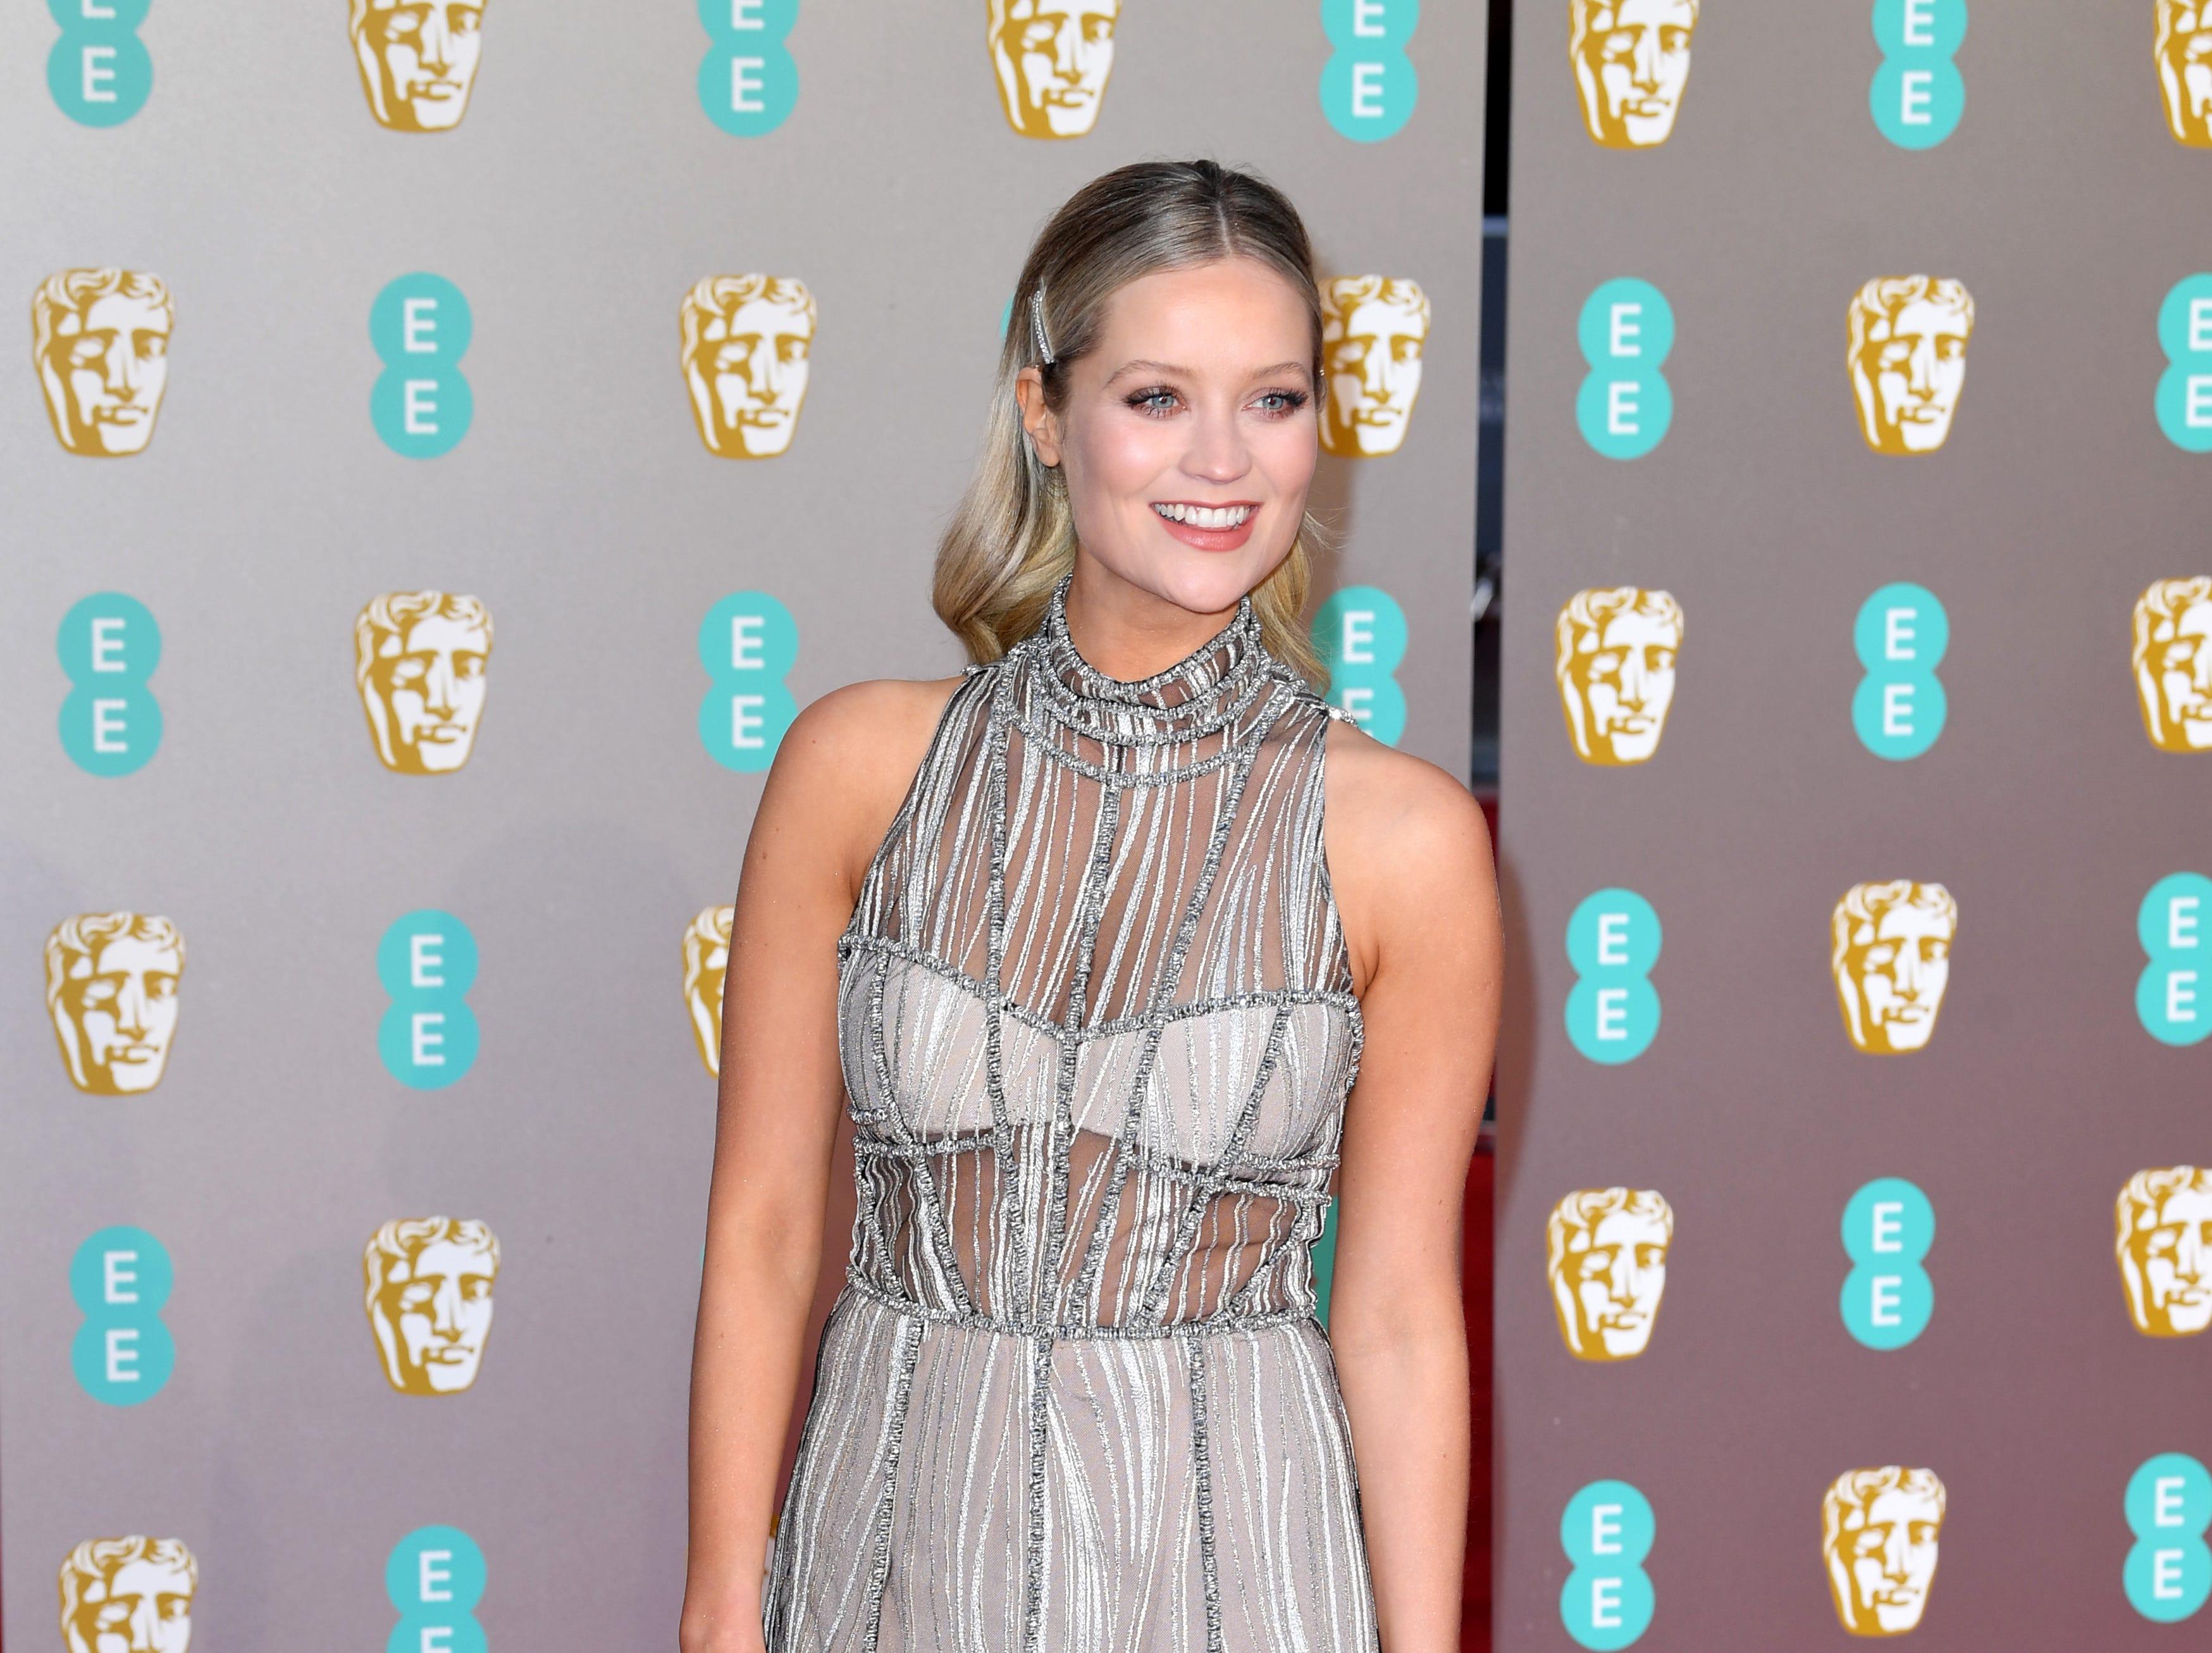 Laura Whitmore a su llegada a la alfombra roja de los Premios de la Academia Británica de Cine BAFTA en el Royal Albert Hall en Londres el 10 de febrero de 2019.